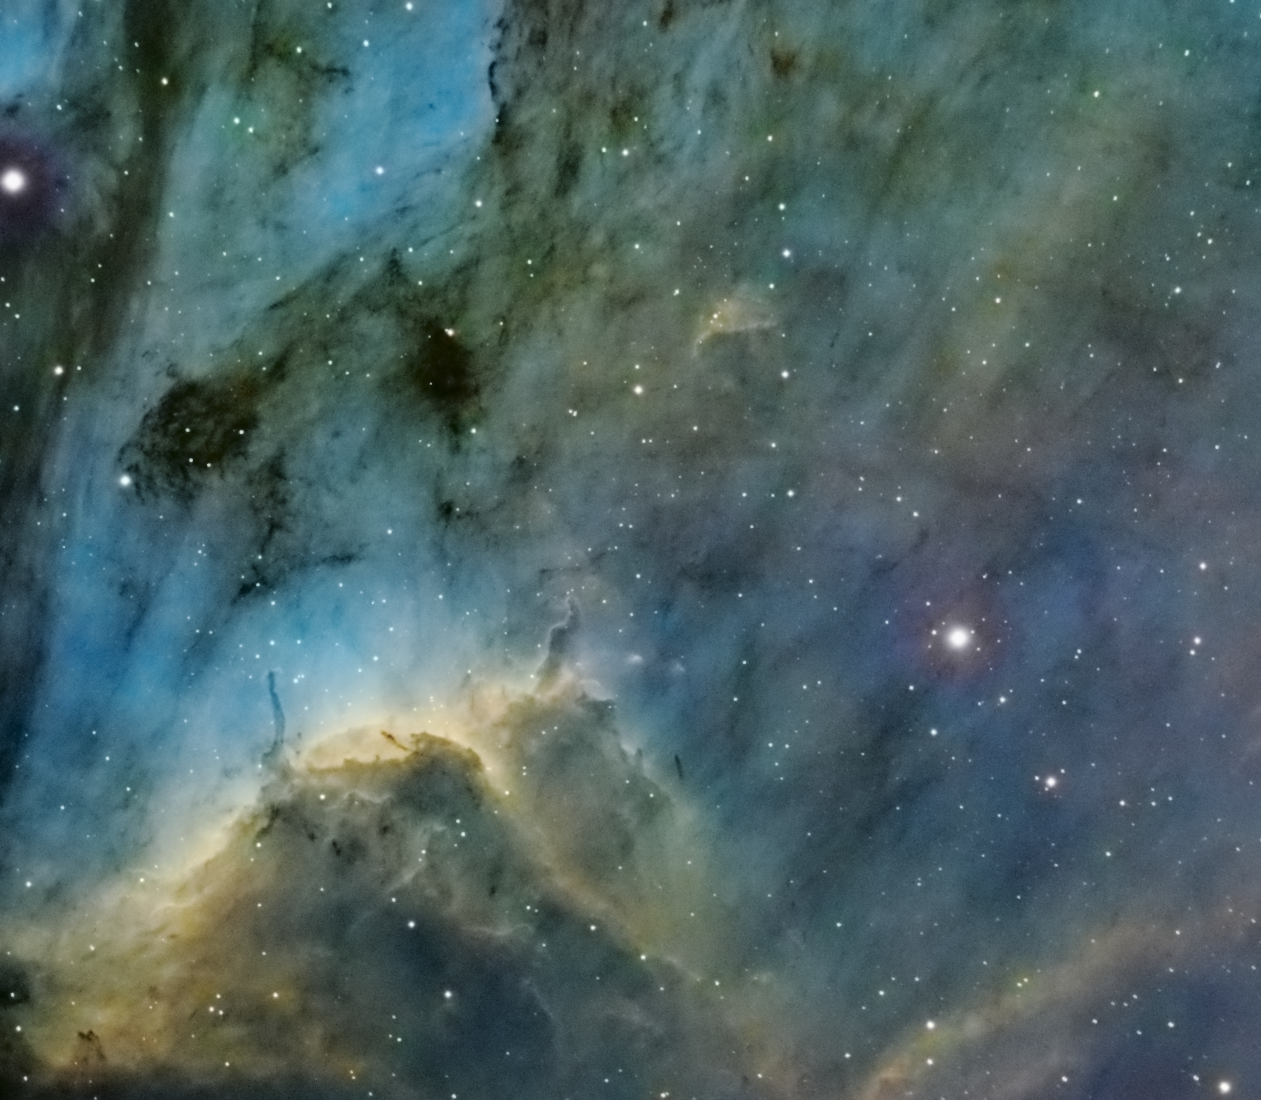 La nébuleuse du pélican IC 5070